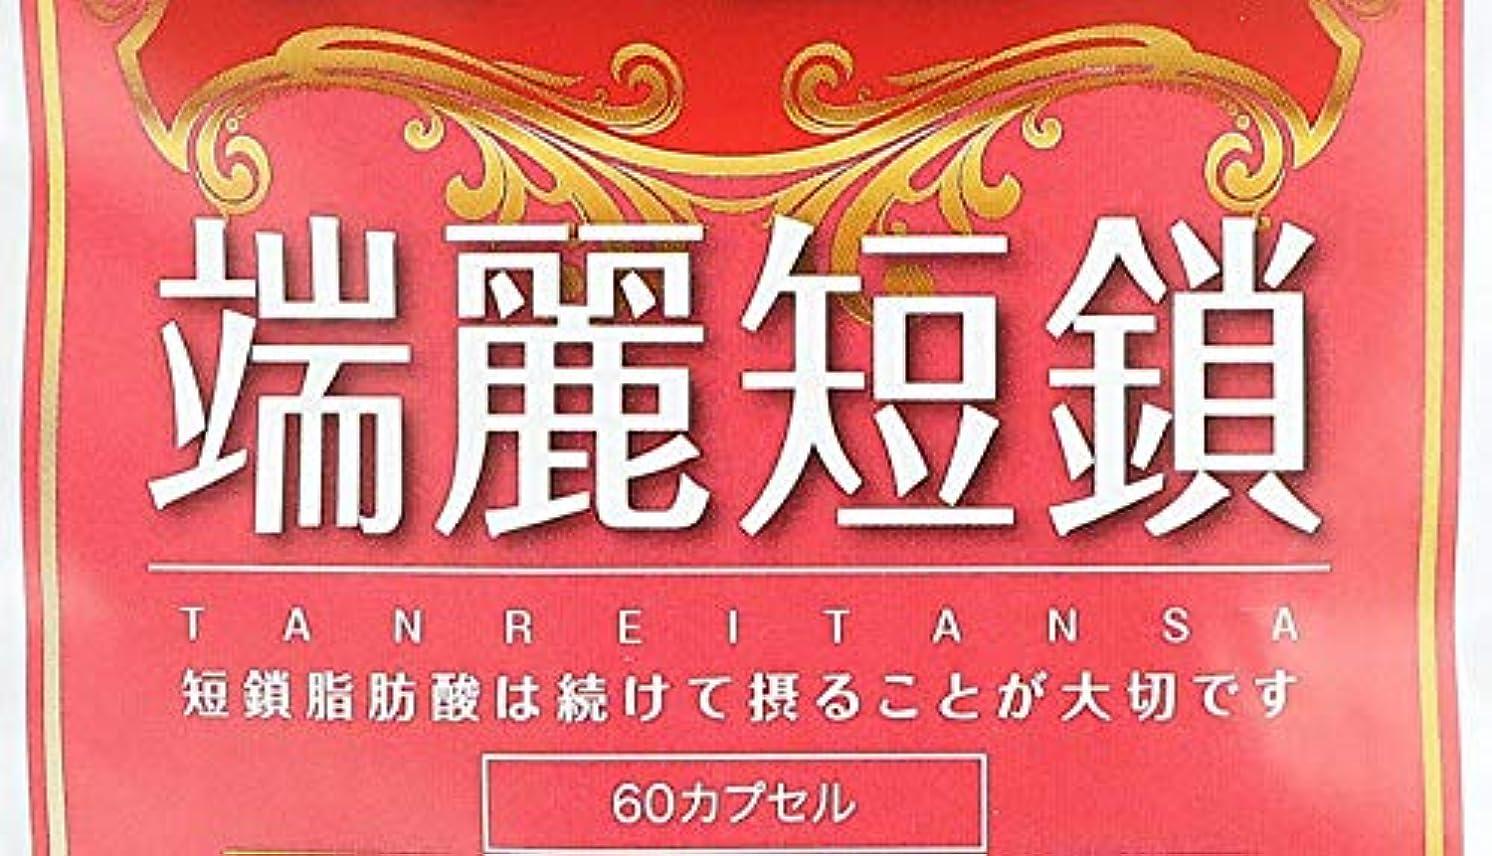 大邸宅が欲しいスノーケル短鎖脂肪酸配合サプリメント 【端麗短鎖】 60粒